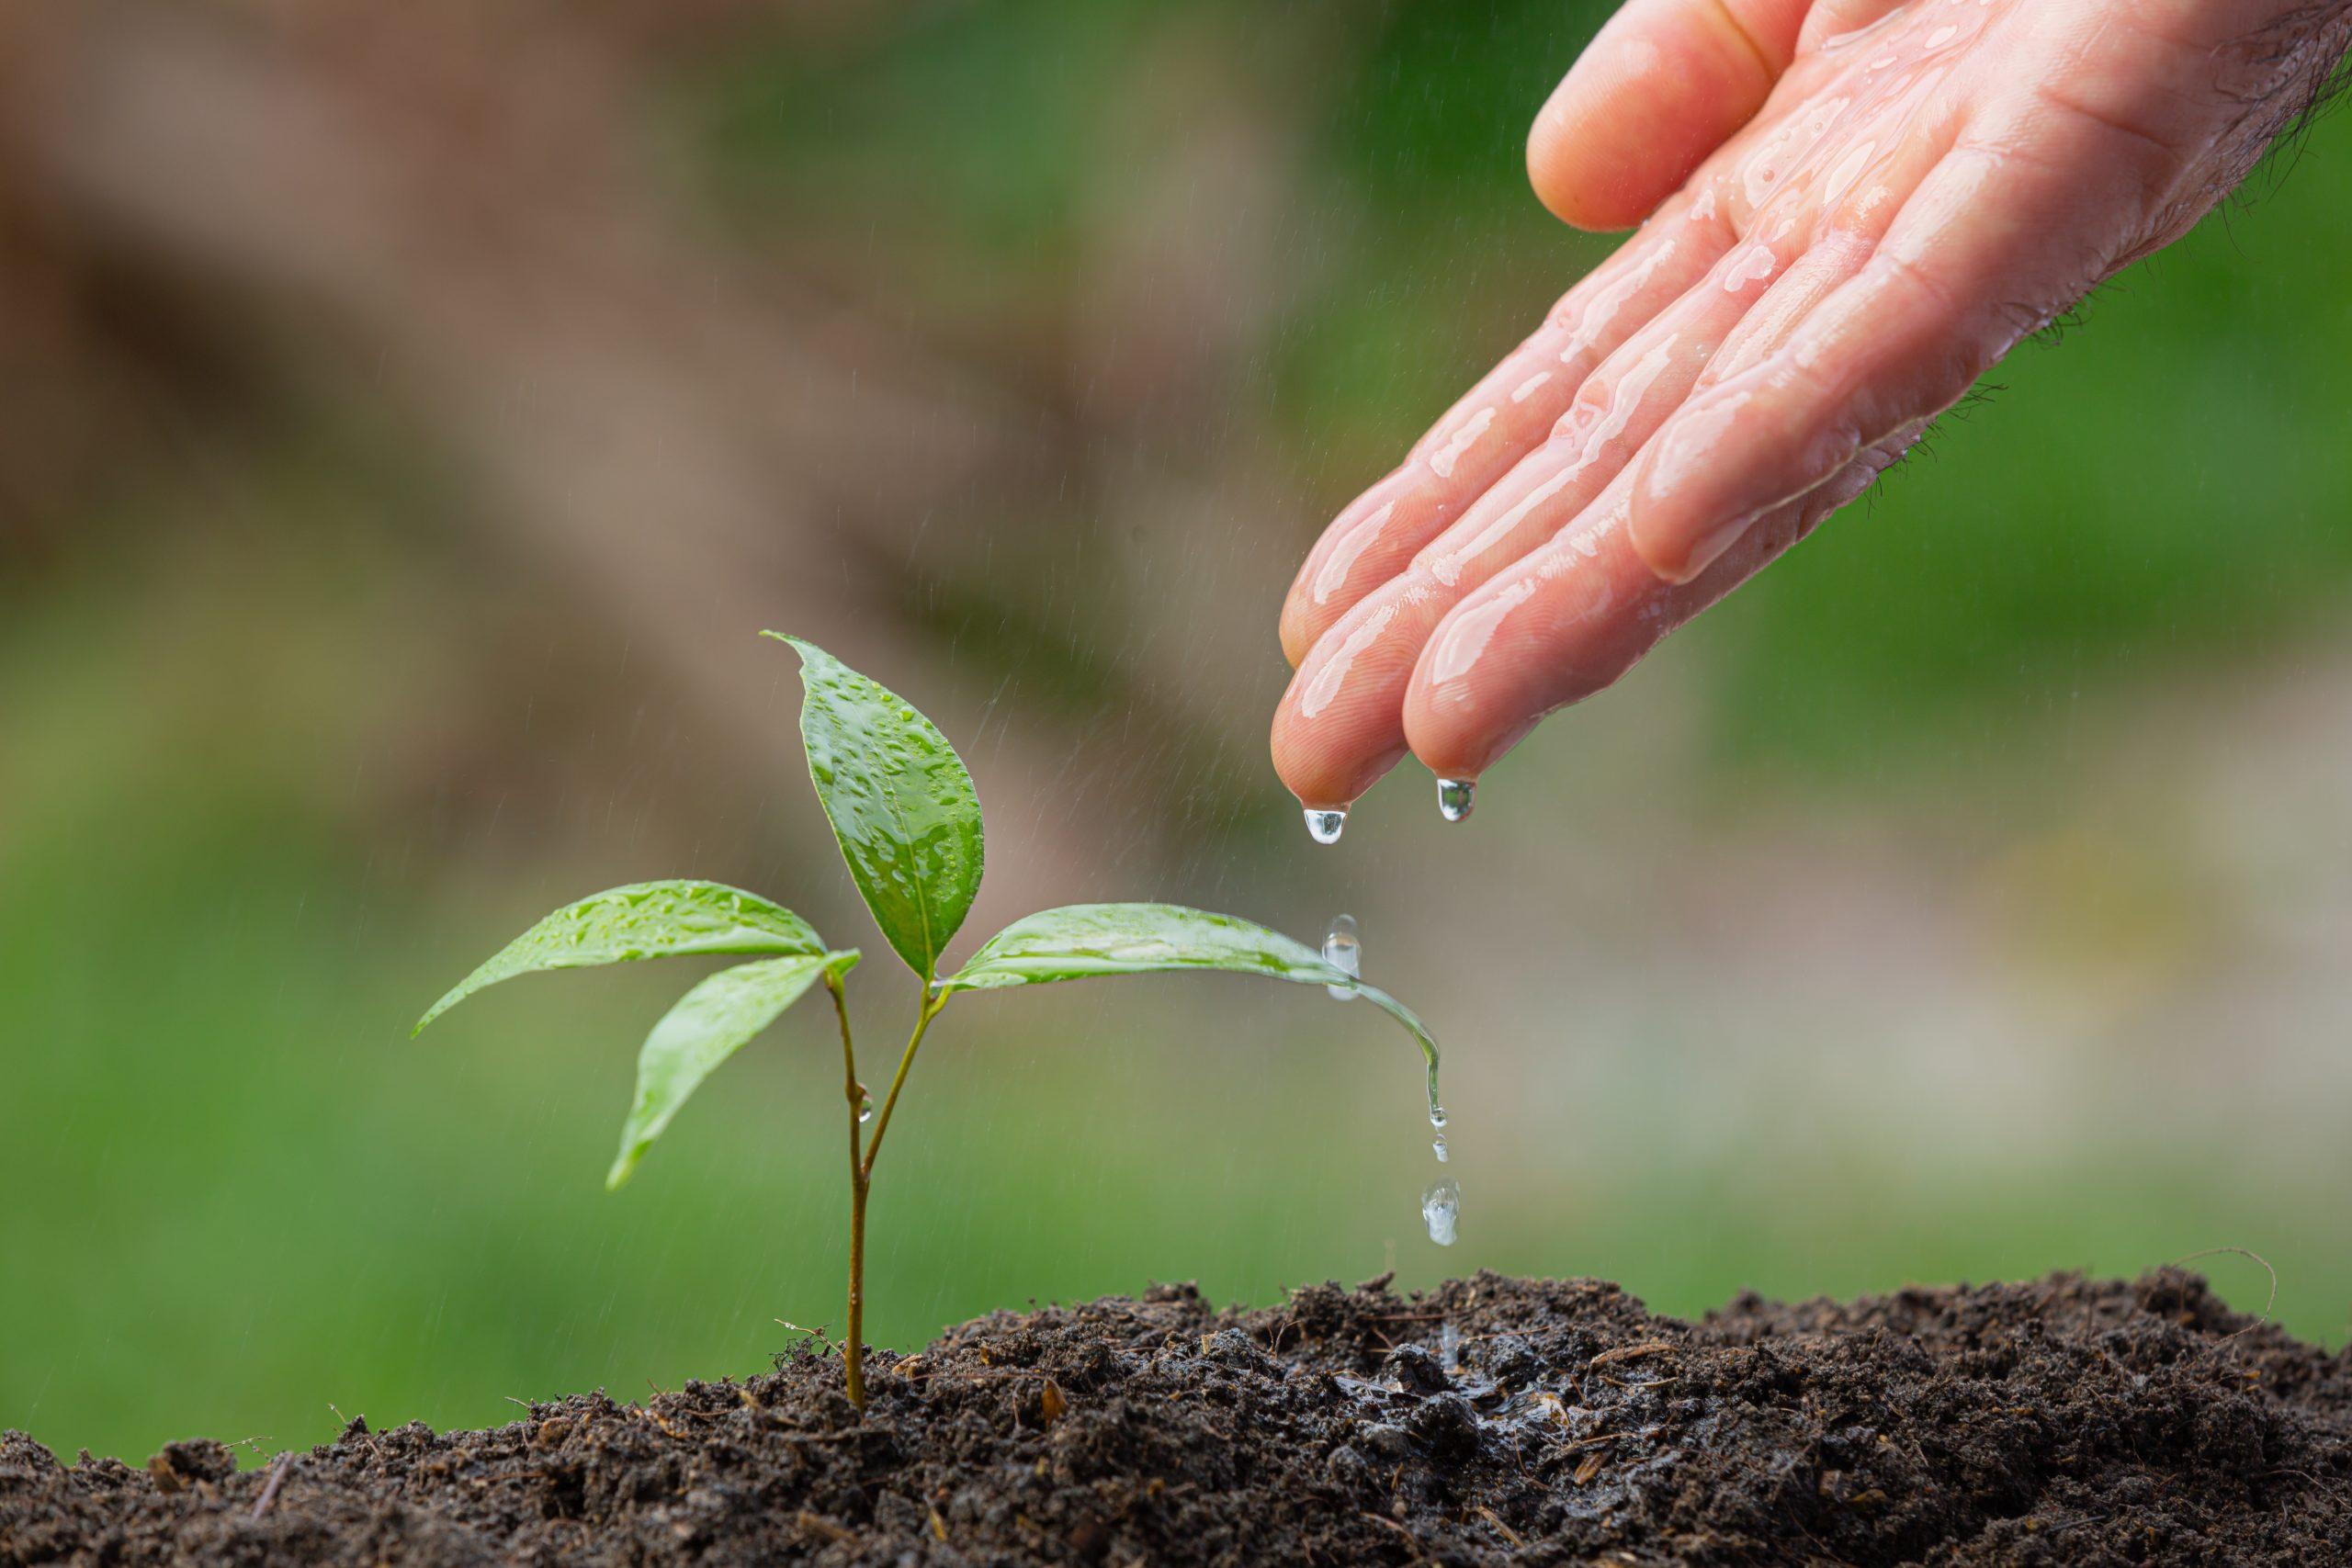 Foto de mão regando muda de planta